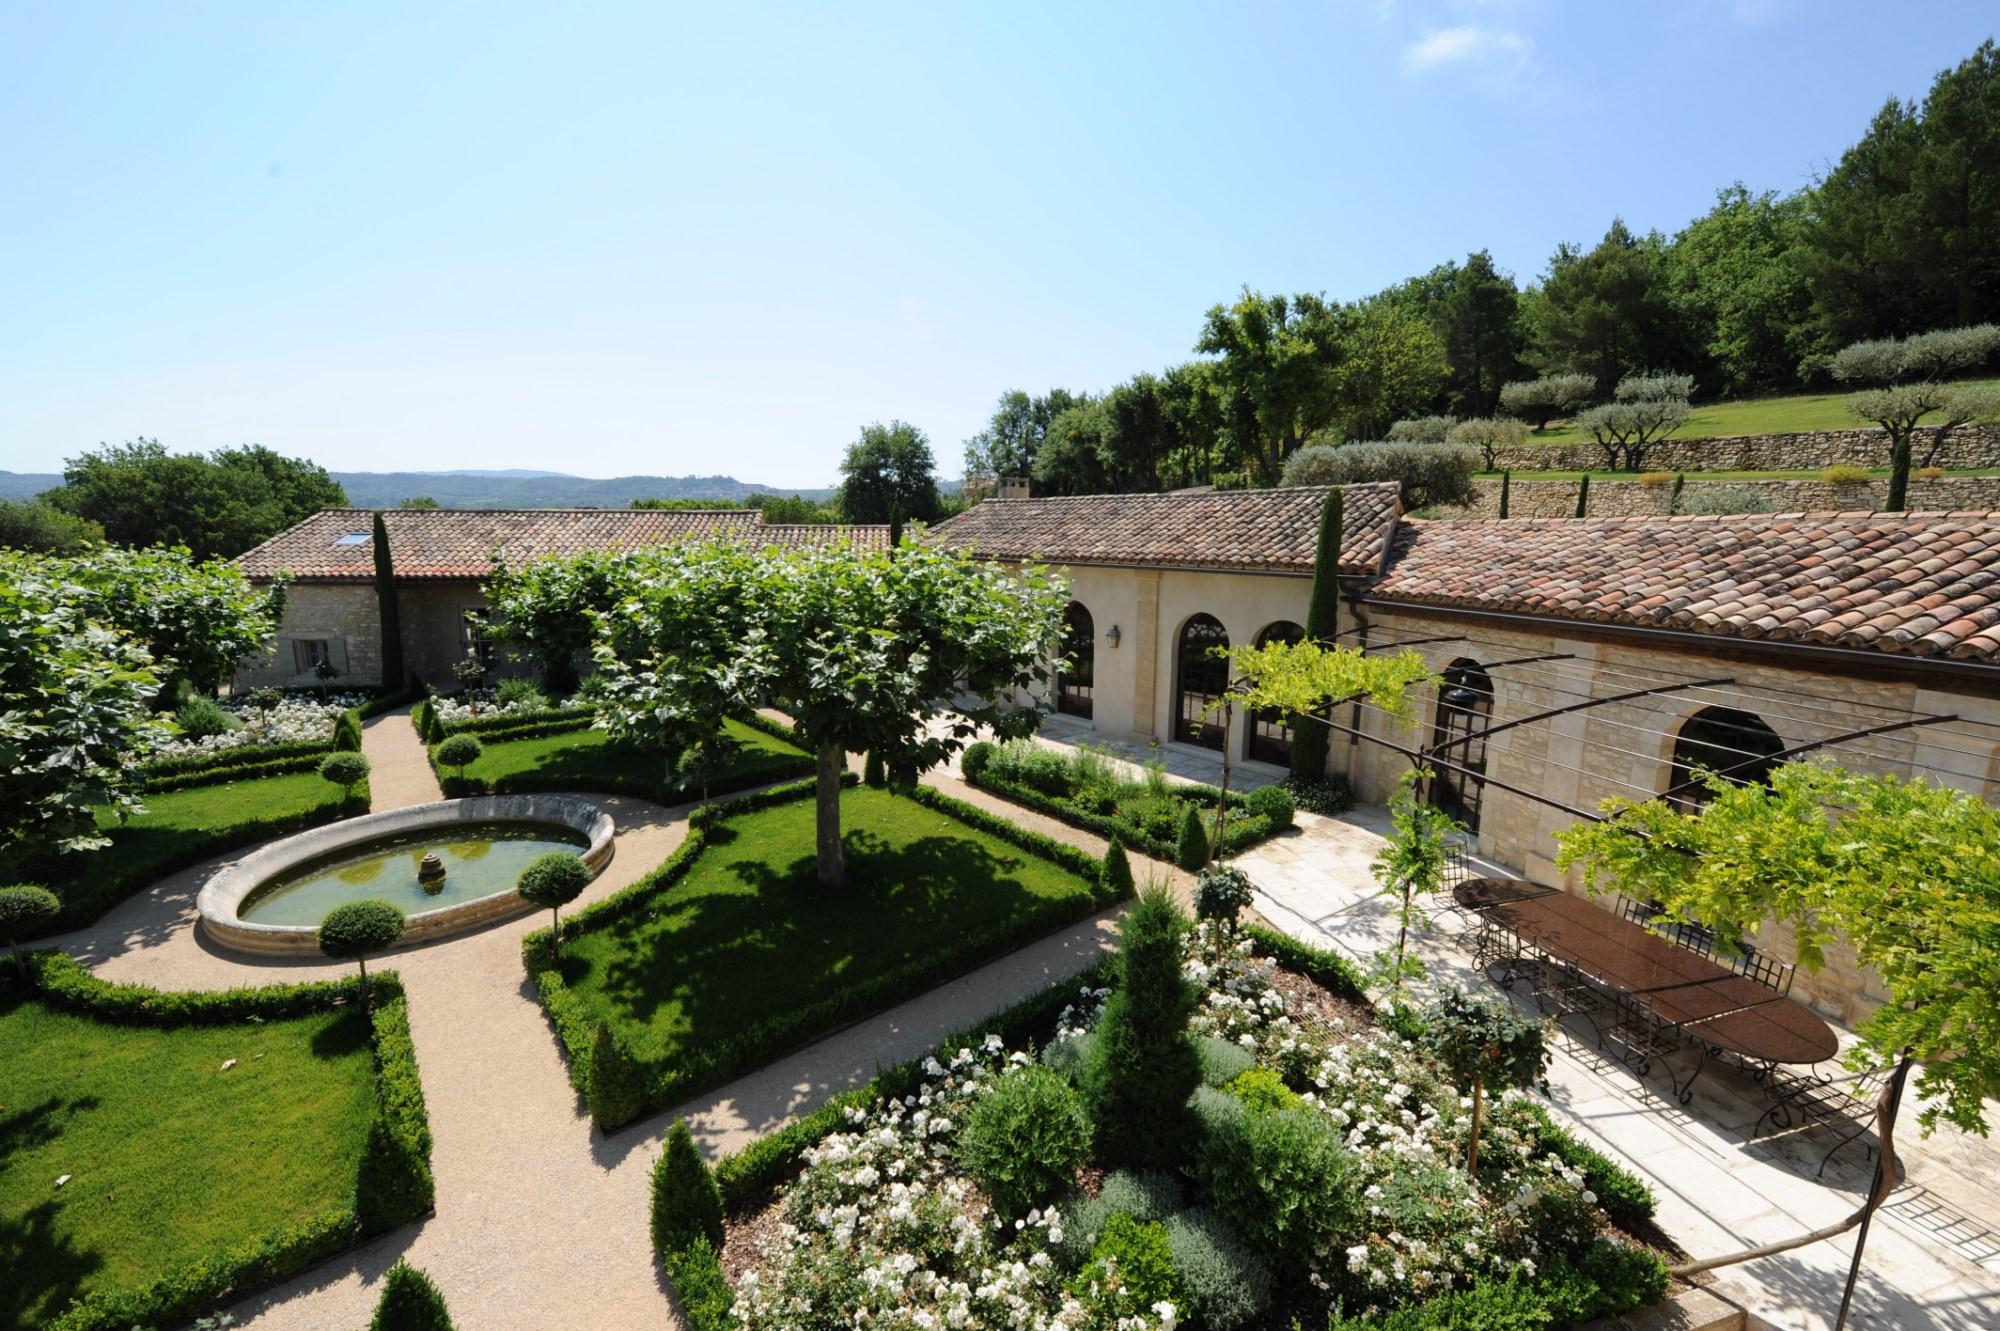 A vendre, face au Luberon,  élégante propriété de famille, sur 3 hectares